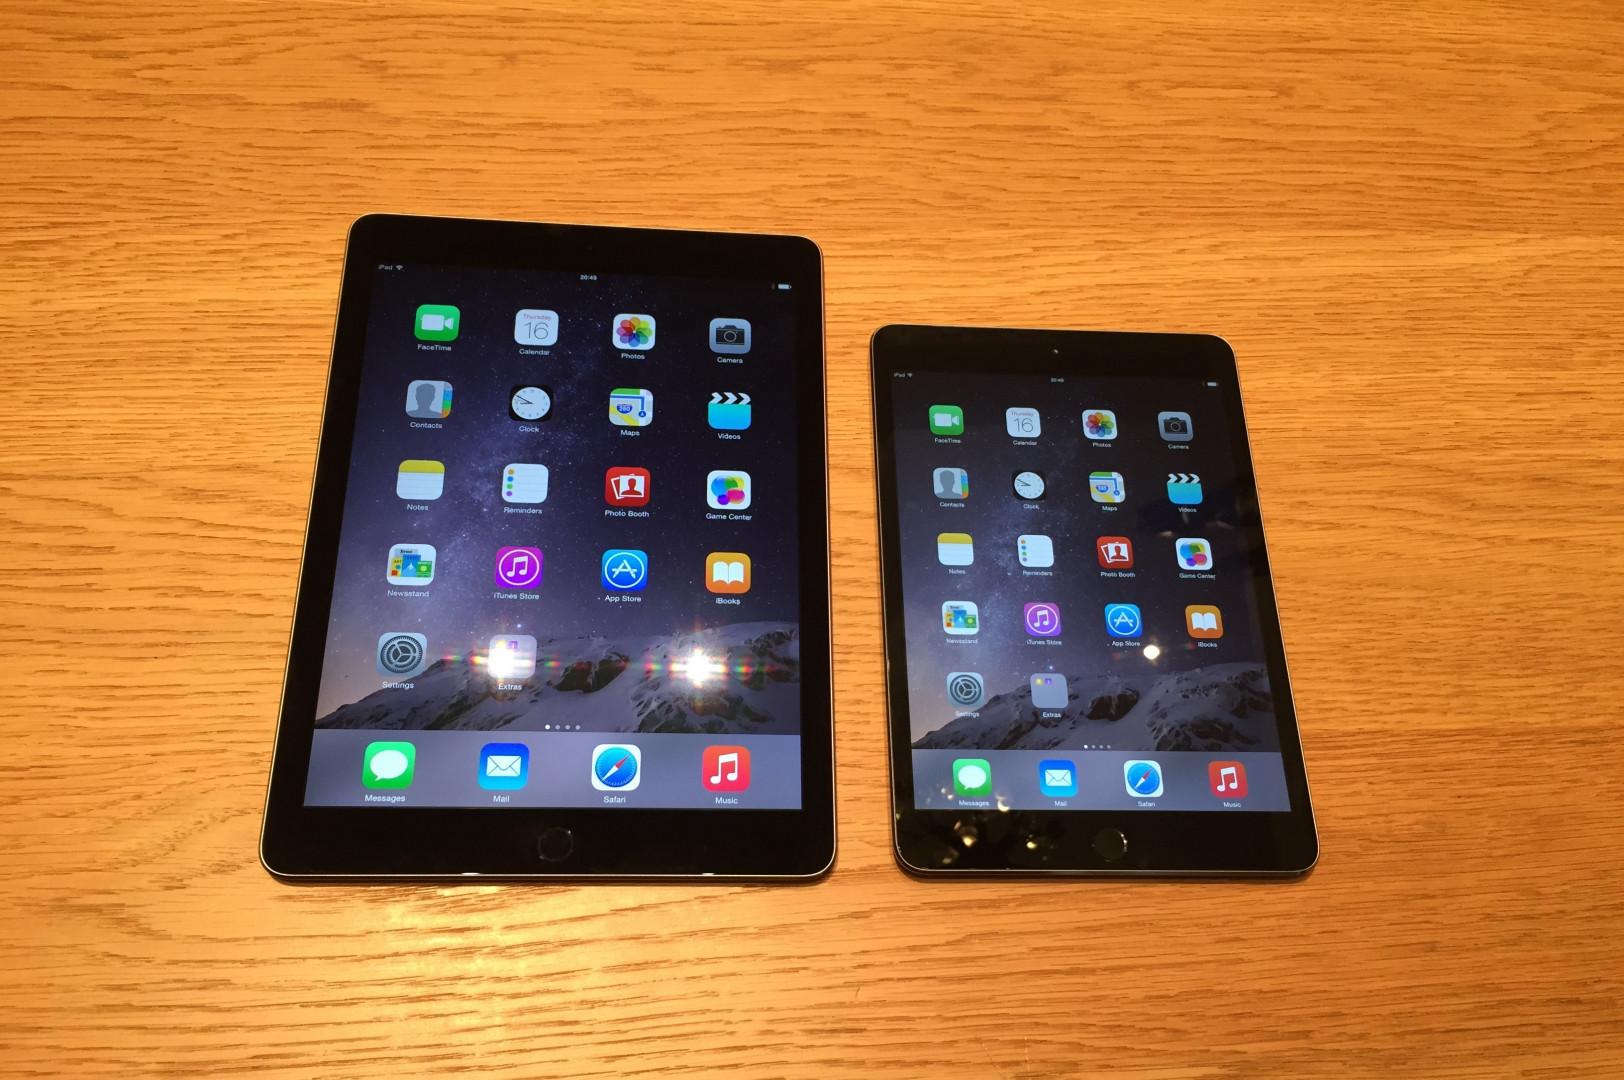 Un iPad Air 2 comparé à un iPad Mini 3